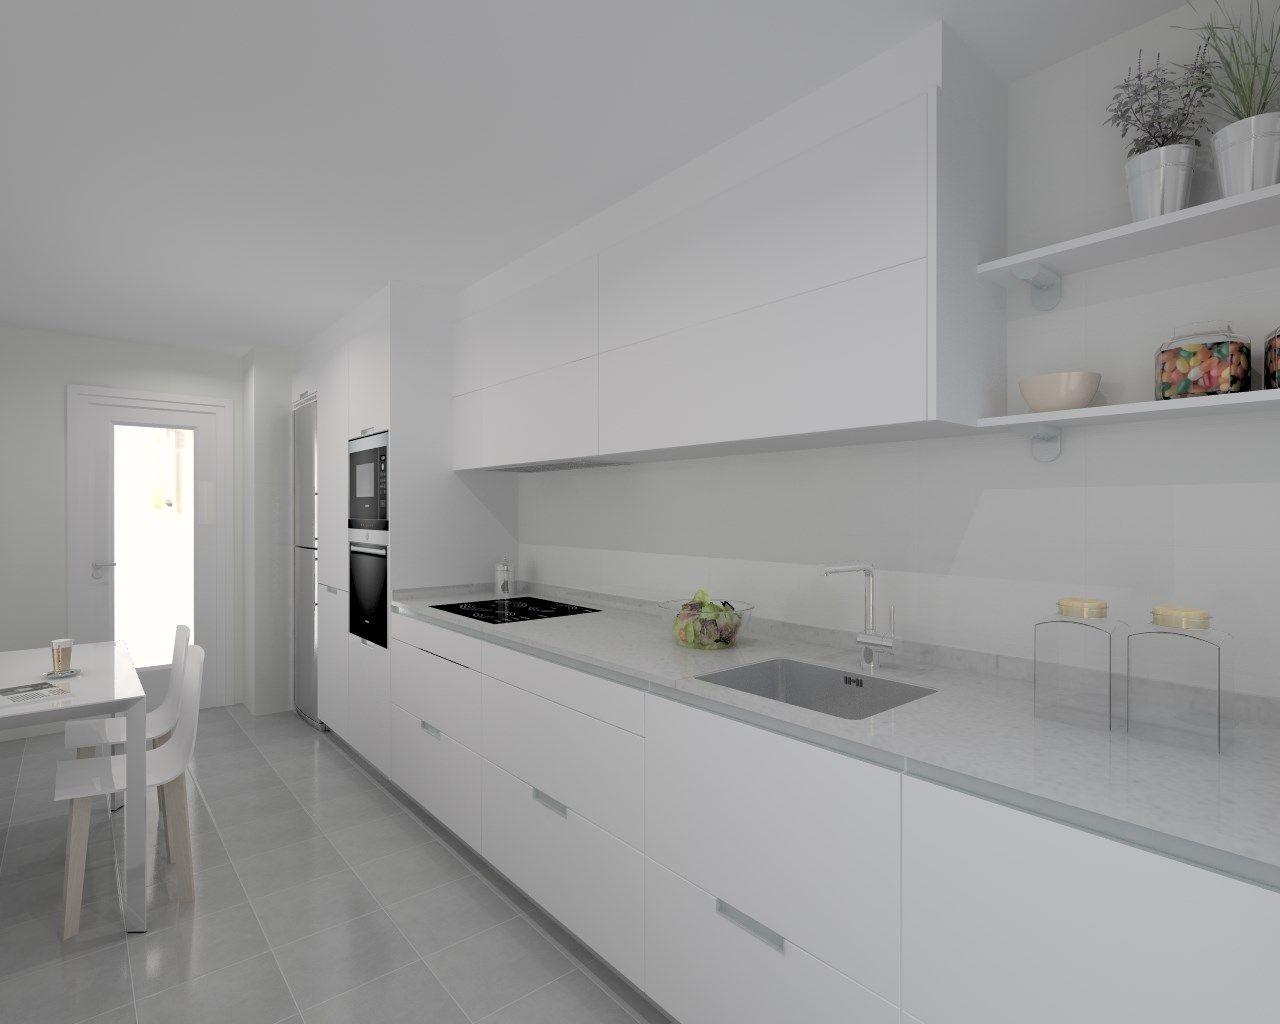 Cocina santos modelo minos e blanco encimera silestone for Encimera silestone blanco